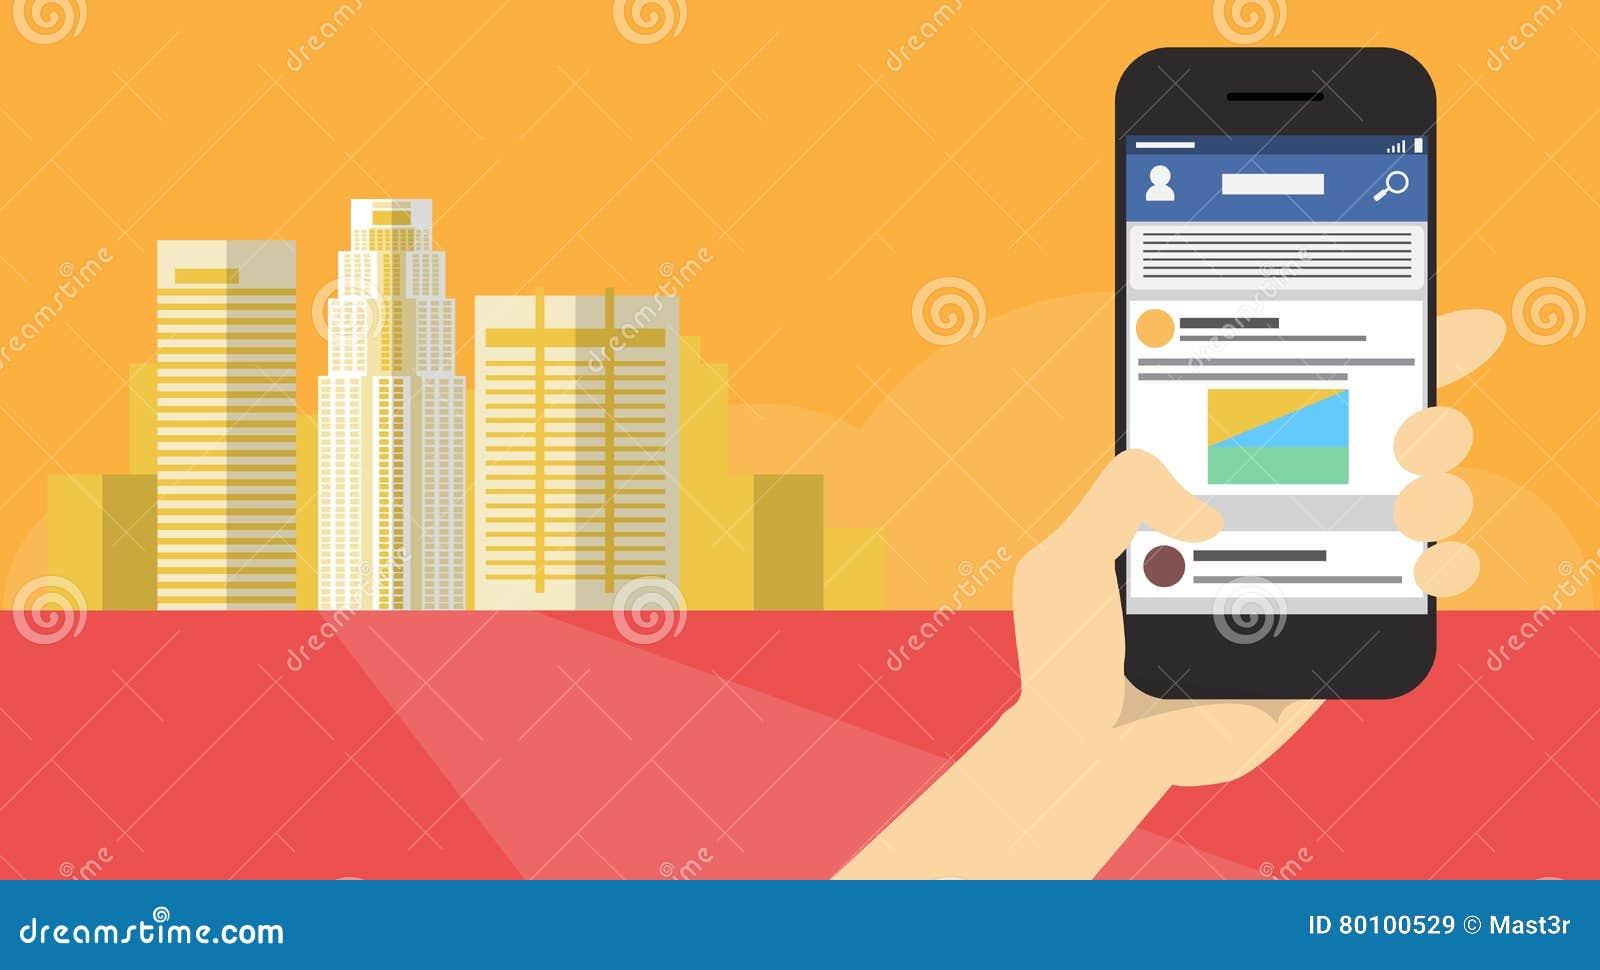 Da aplicação esperta do telefone da pilha da posse da mão bandeira em linha de uma comunicação da rede do bate-papo da mensagem